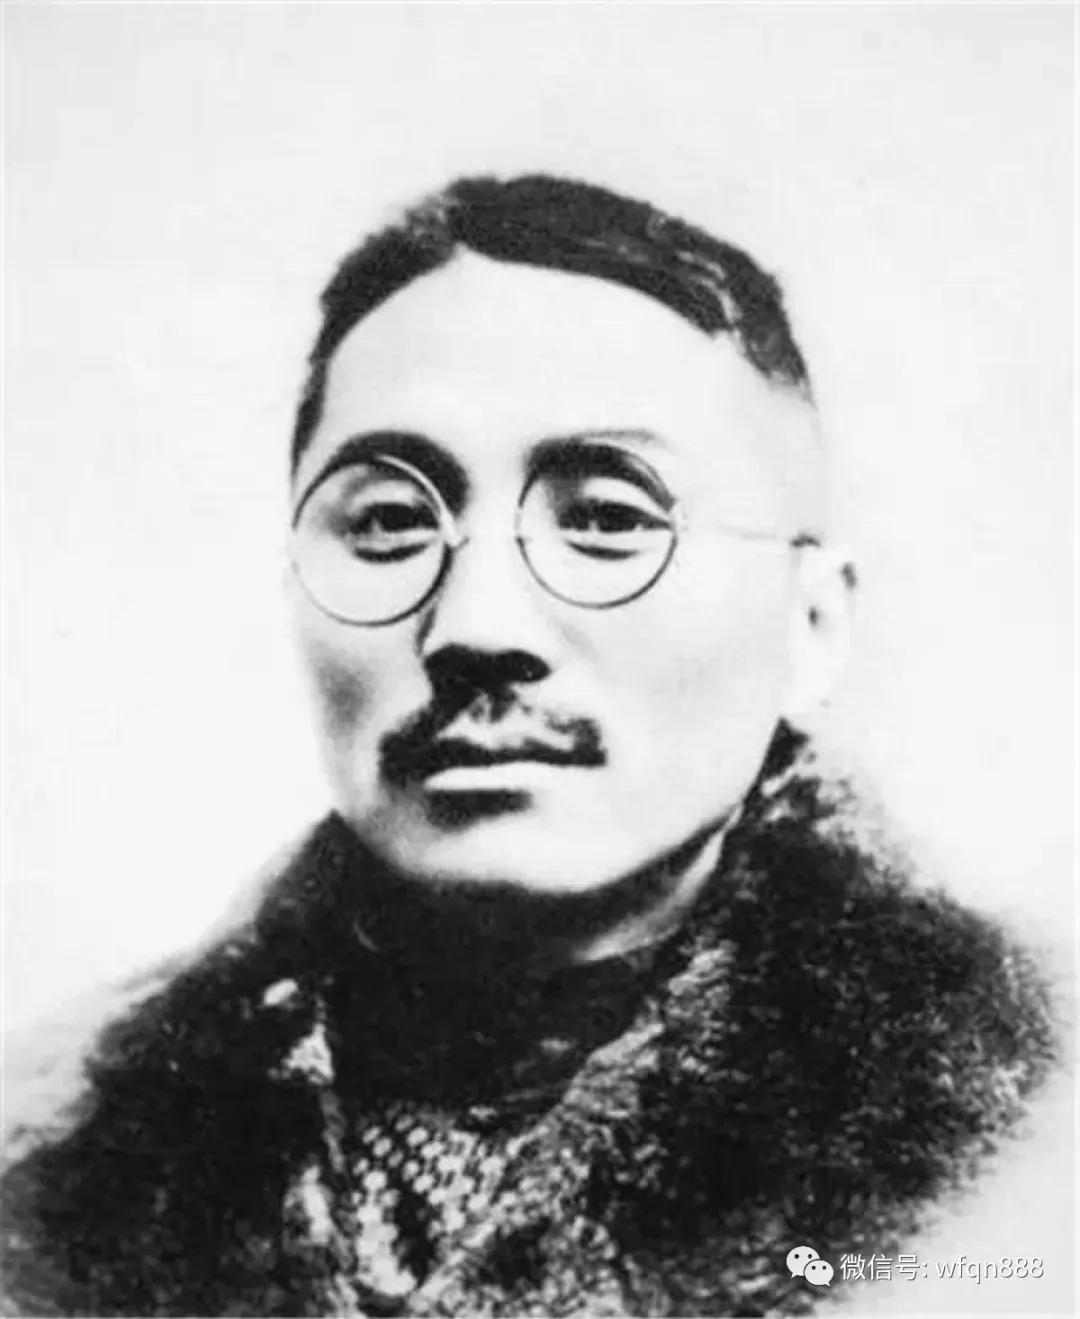 原创他才是民国上海滩第一大佬,连杜月笙都怕他,日本人还称他为魔鬼